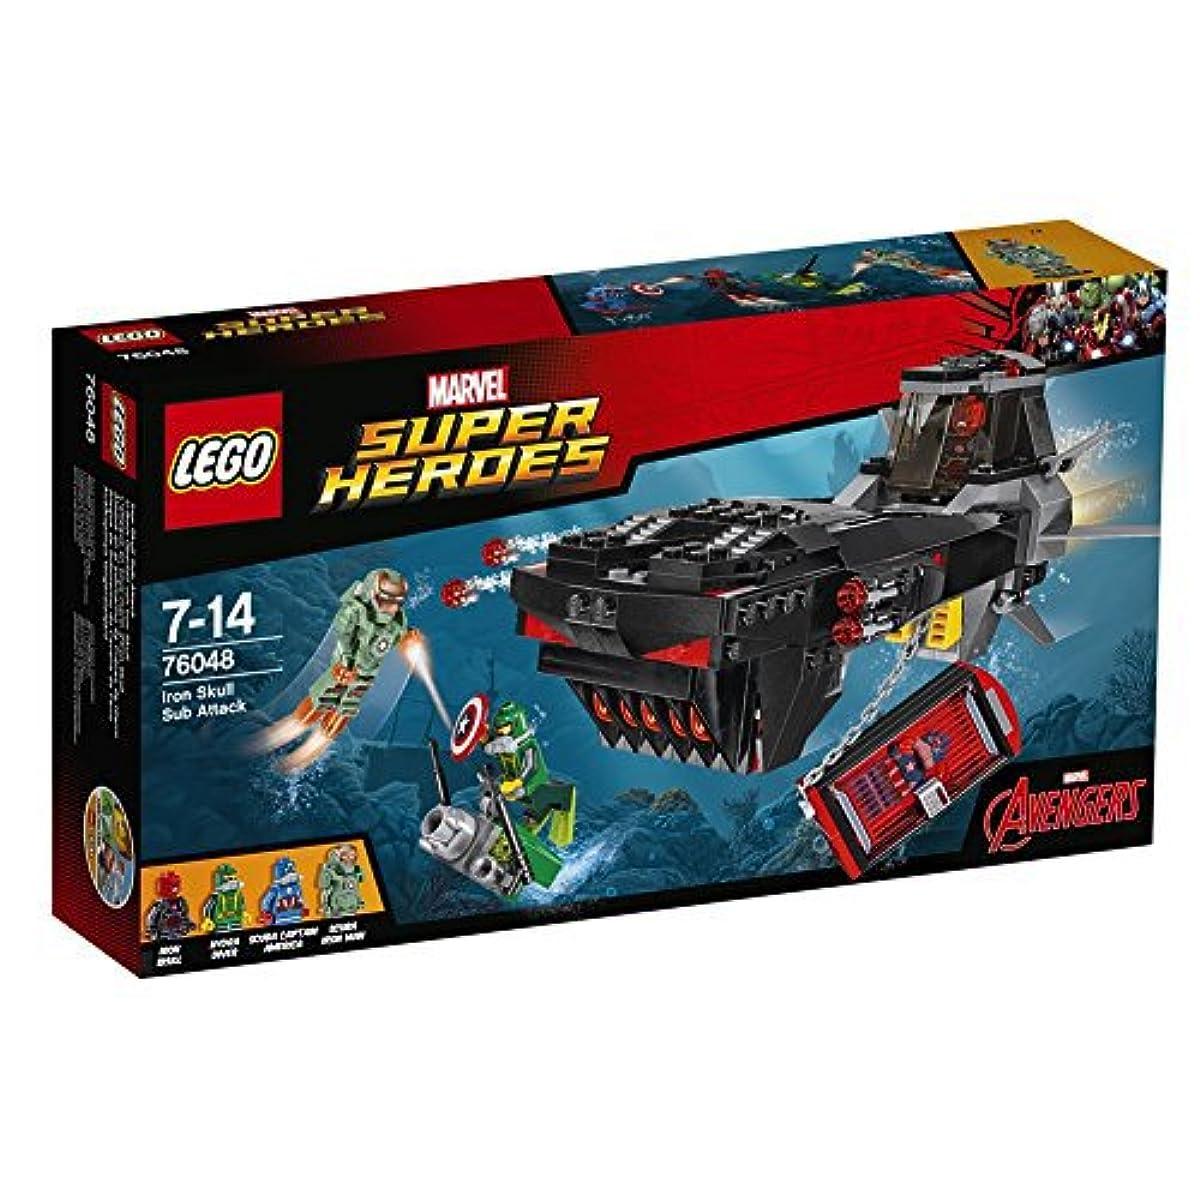 [해외] 레고 (LEGO) 슈퍼히어로즈 아이언 스쿨 서브 어택 76048-76048 (2016-01-15)